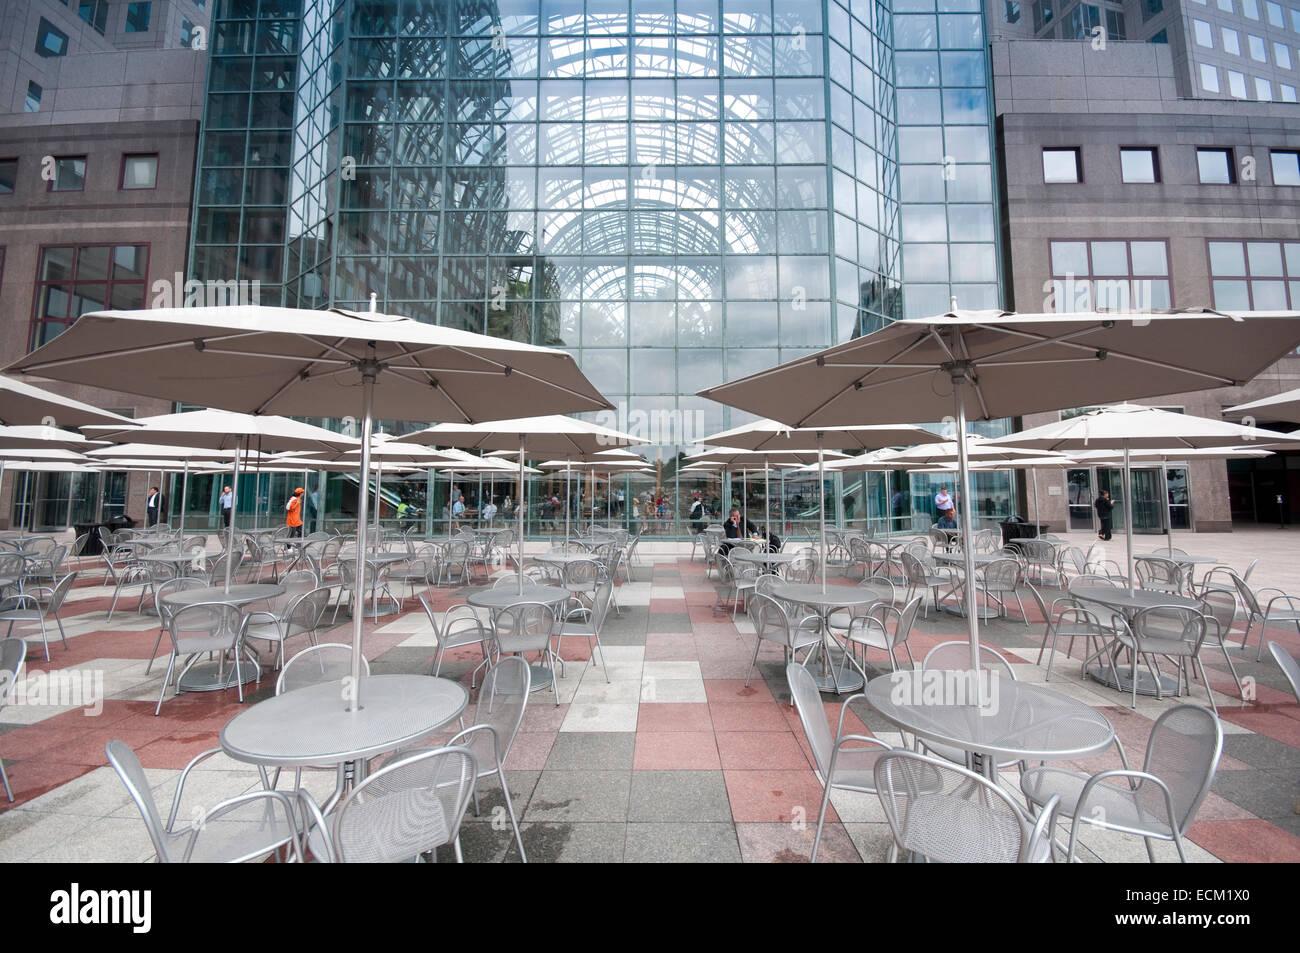 usa new york city manhattan the winter garden pavillon of the